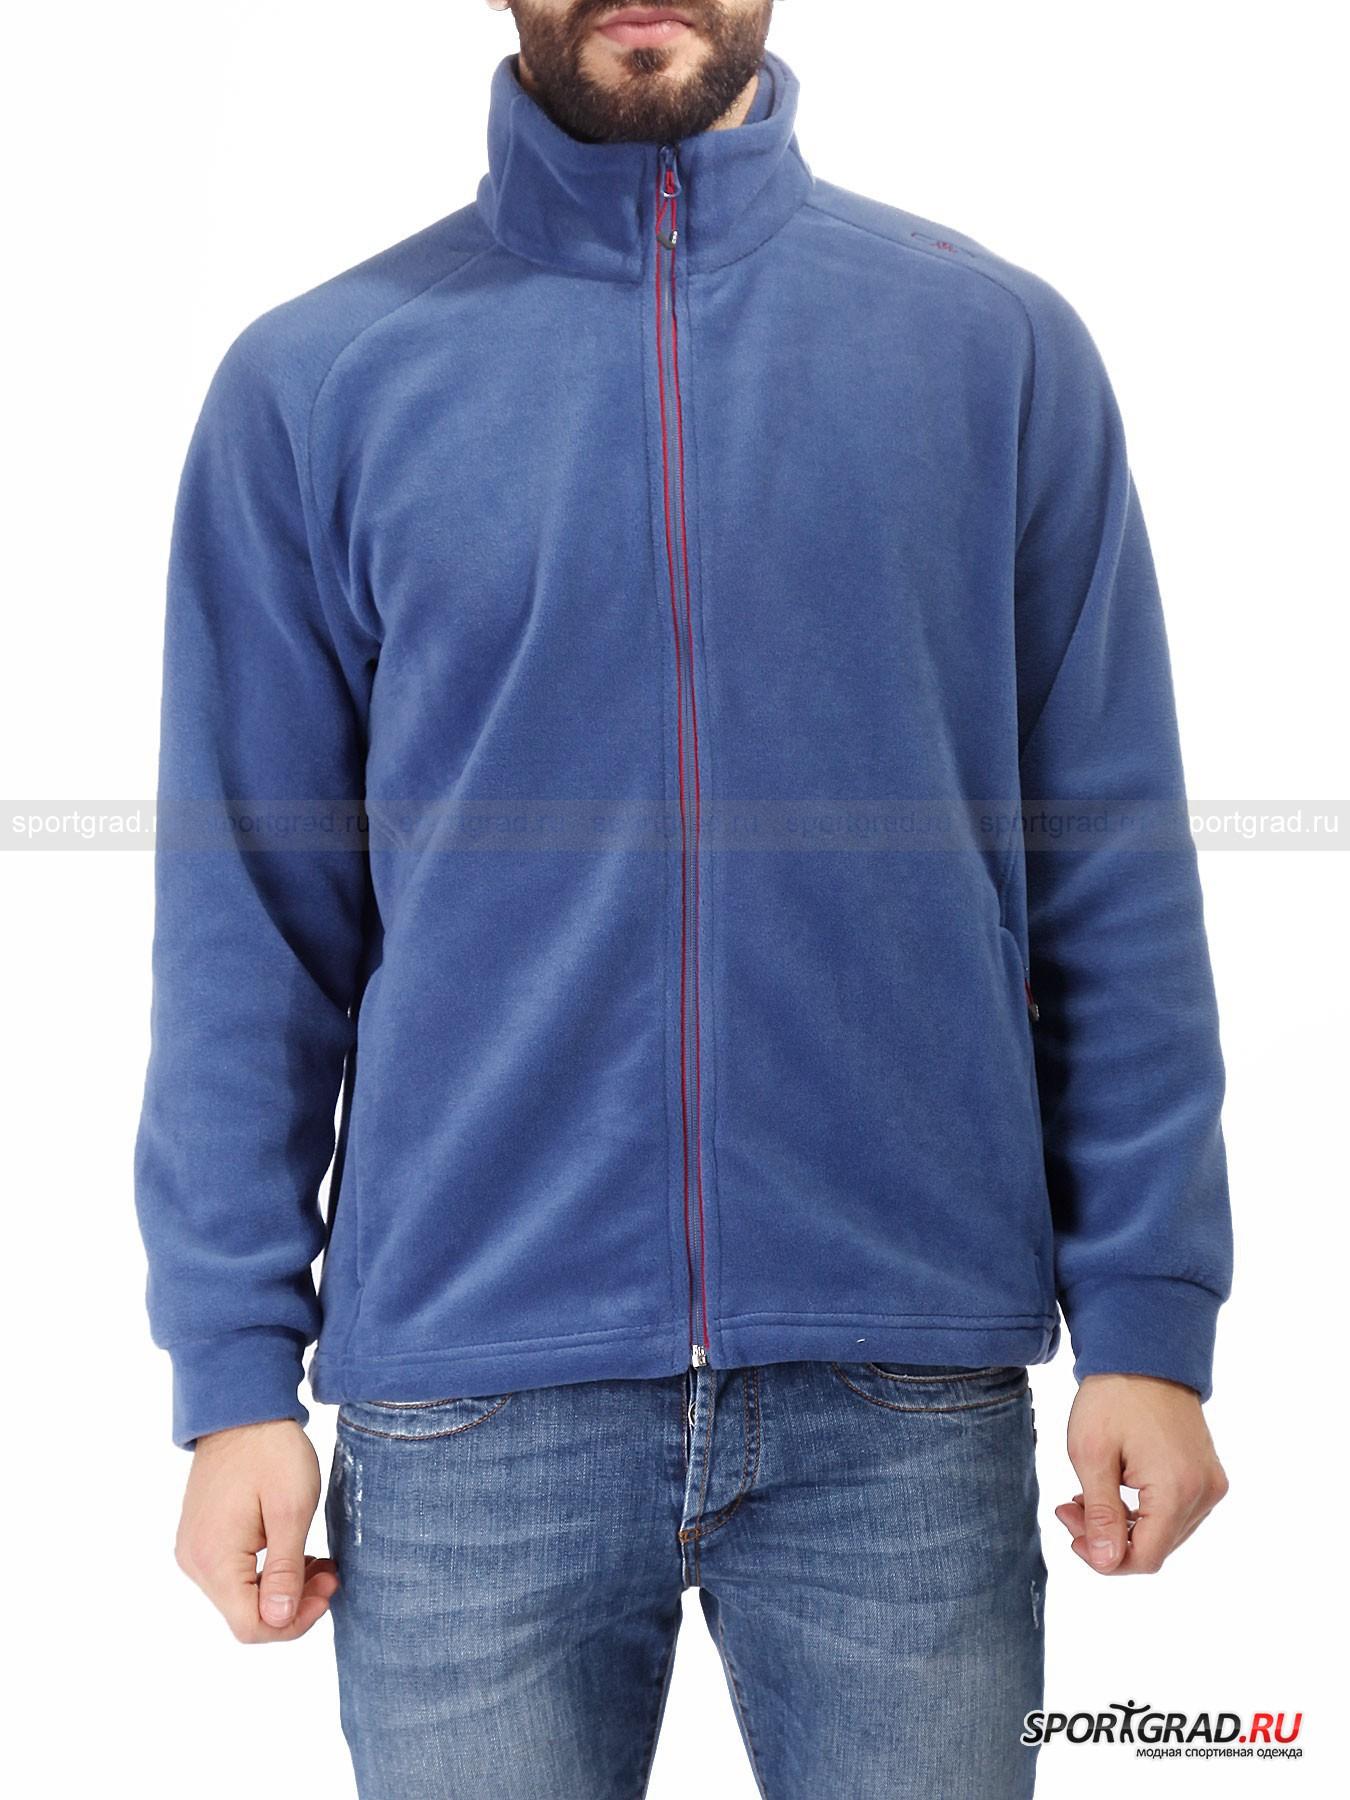 Мужская толстовка CMP Man Fleece JacketТолстовки<br>Надежная практичная одежда для холодного времени года – визитная карточка итальянской компании CMP.<br><br>Долговечная мужская толстовка Man Fleece jacket изготовлена из флиса, который прекрасно сберегает тепло собственного тела. Приятный на ощупь материал изготовления отлично сохраняет свой внешний и прослужит вам несколько сезонов подряд. Данный предмет гардероба можно использовать в качестве промежуточного слоя под теплую куртку при самых суровых погодных условиях. Или же на нее можно рассчитывать, как на вариант верхней одежды в межсезонье.<br><br>•Высокий ворот<br>•Фронтальная молния<br>•Легкий и быстросохнущий материал изготовления<br>•Манжеты рукавов оснащены широкой резинкой<br>•Утягивающая система вдоль нижней кромки толстовки<br><br>Пол: Мужской<br>Возраст: Взрослый<br>Тип: Толстовки<br>Рекомендации по уходу: Деликатная стирка при 40С, не отбеливать, сушить в барабане стиральной машины разрешено, не гладить, химчистка запрещена.<br>Состав: 100% полиэстер.